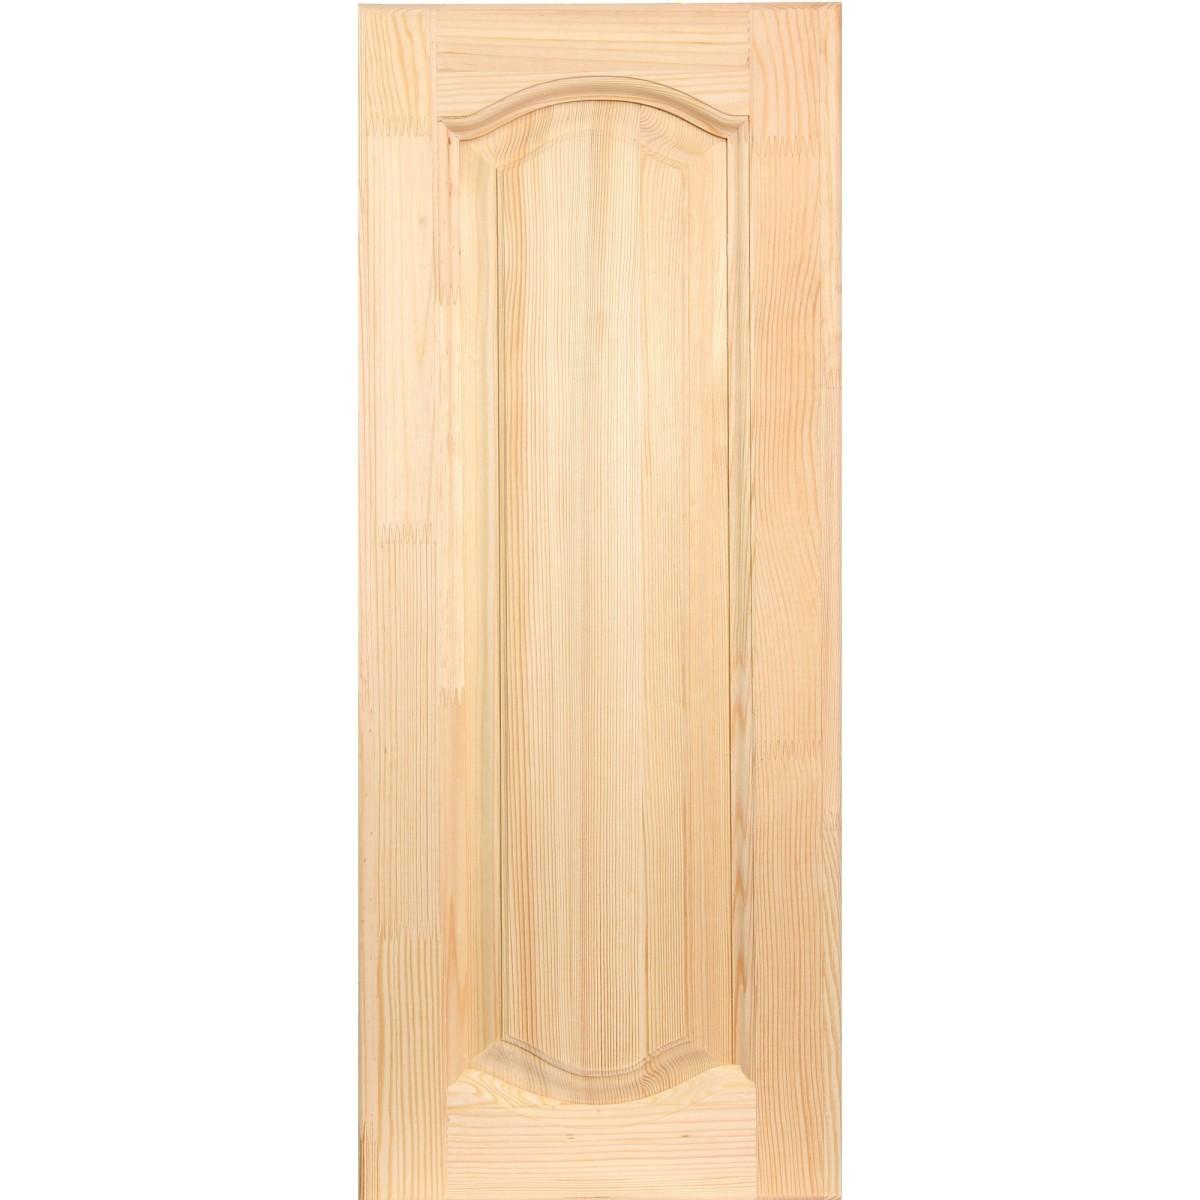 Фасад шкафа хвоя 1500х396х20 мм глухой